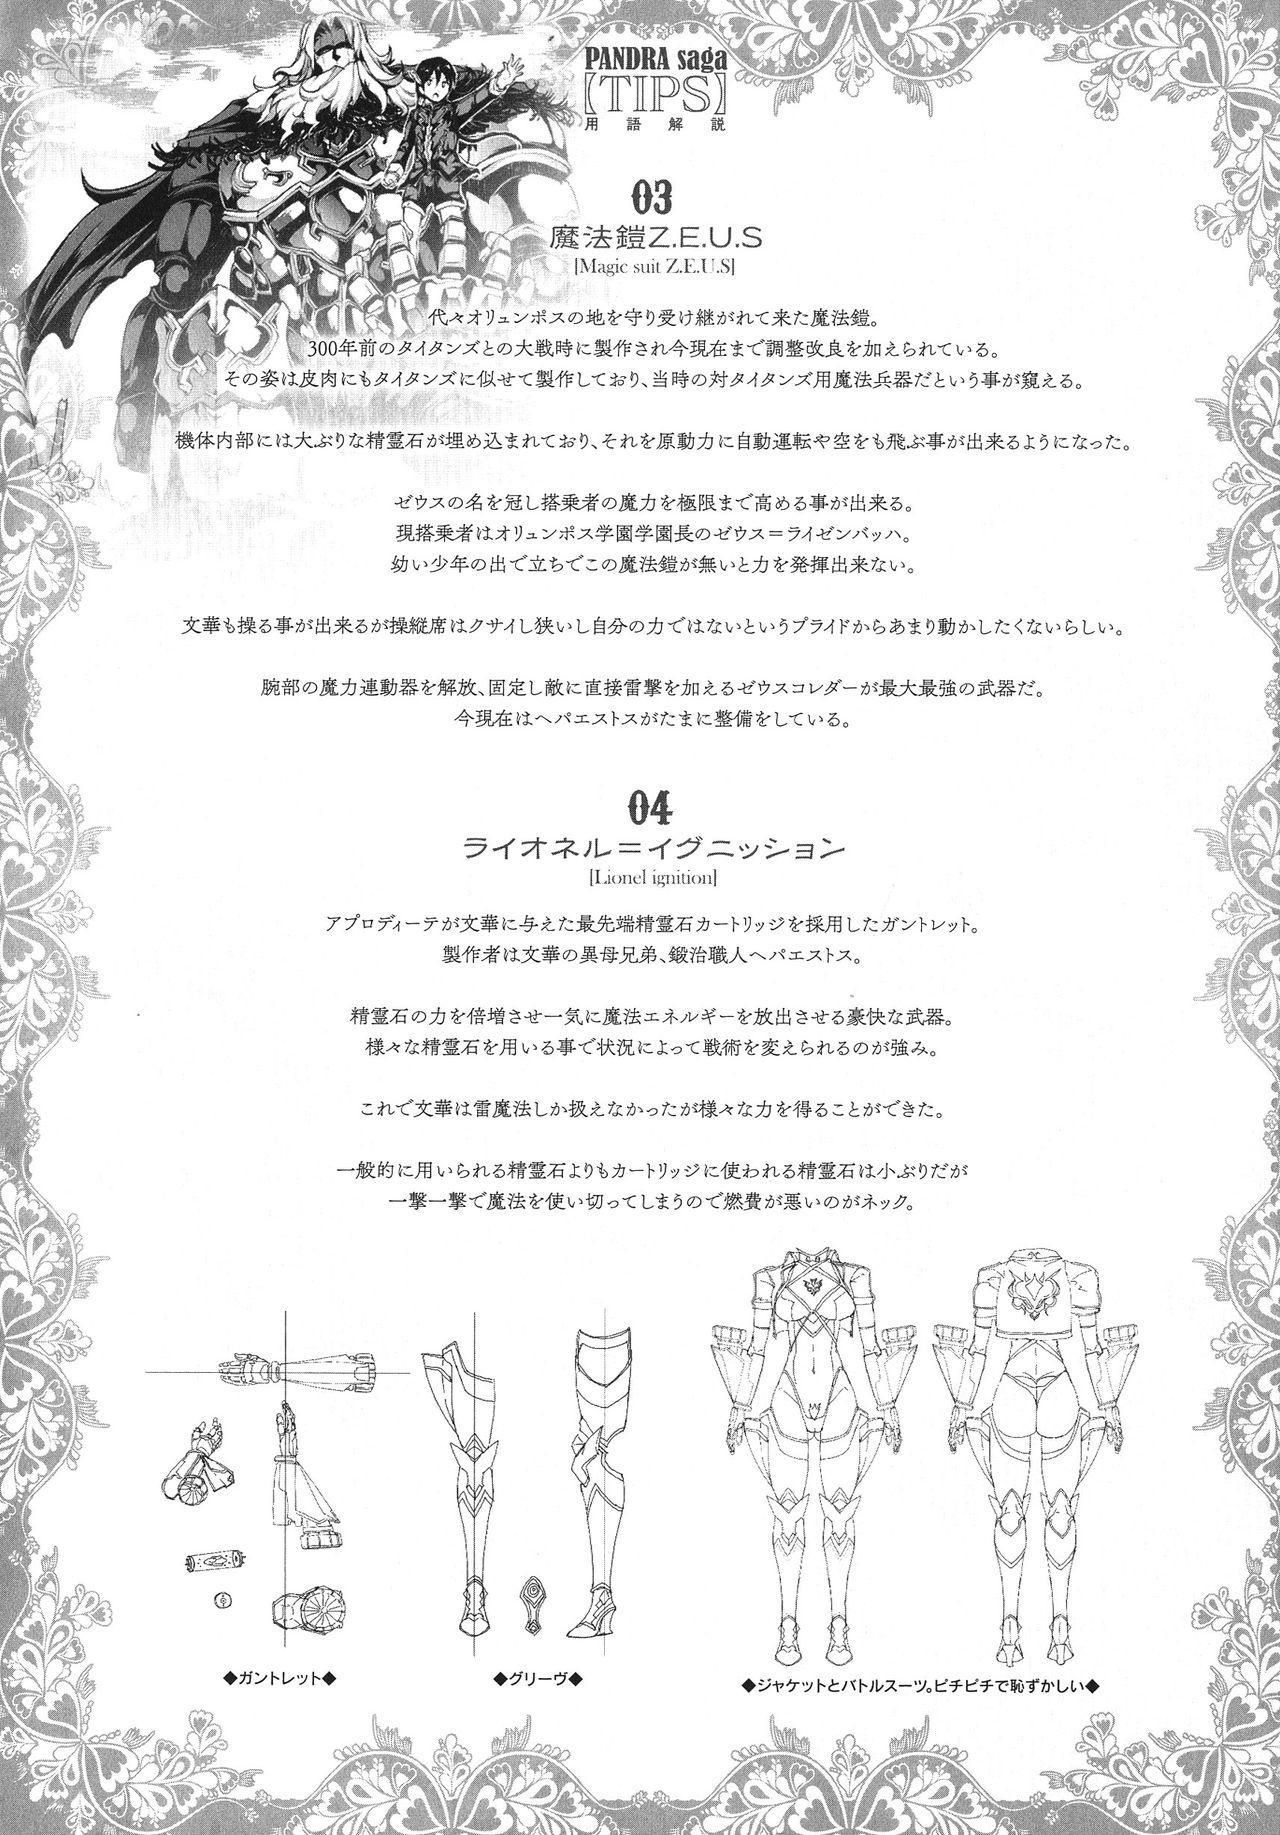 [Erect Sawaru] Raikou Shinki Igis Magia -PANDRA saga 3rd ignition- Ch. 1-7 + Medousa [English] [CGrascal] 179